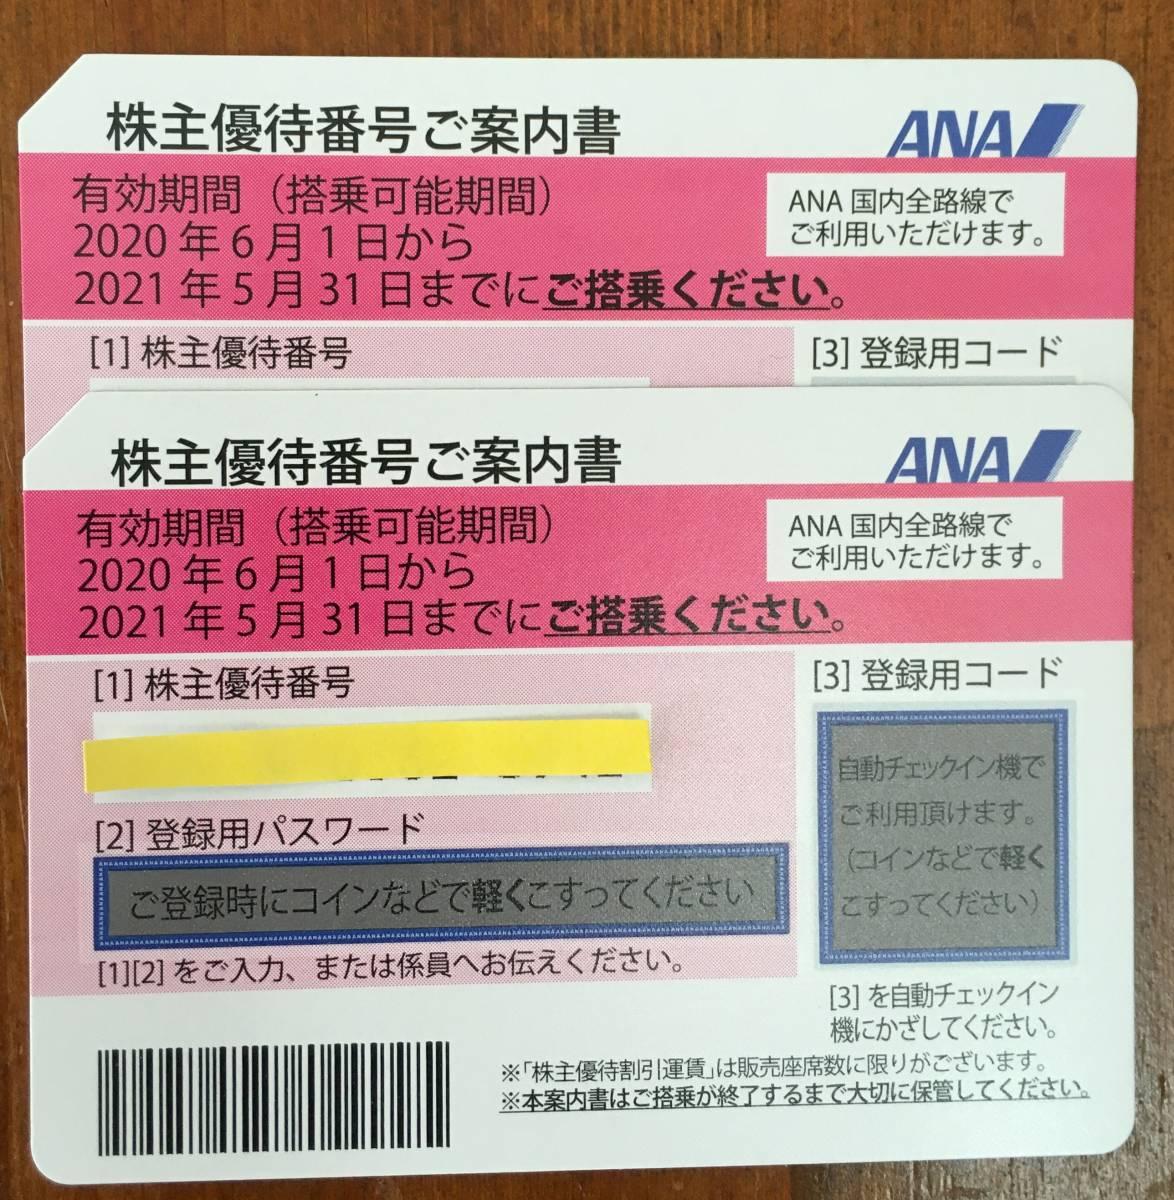 ANA 全日空 株主優待券 有効期限11月末までに延長されています 1枚、 2枚 迅速に番号通知します _画像1